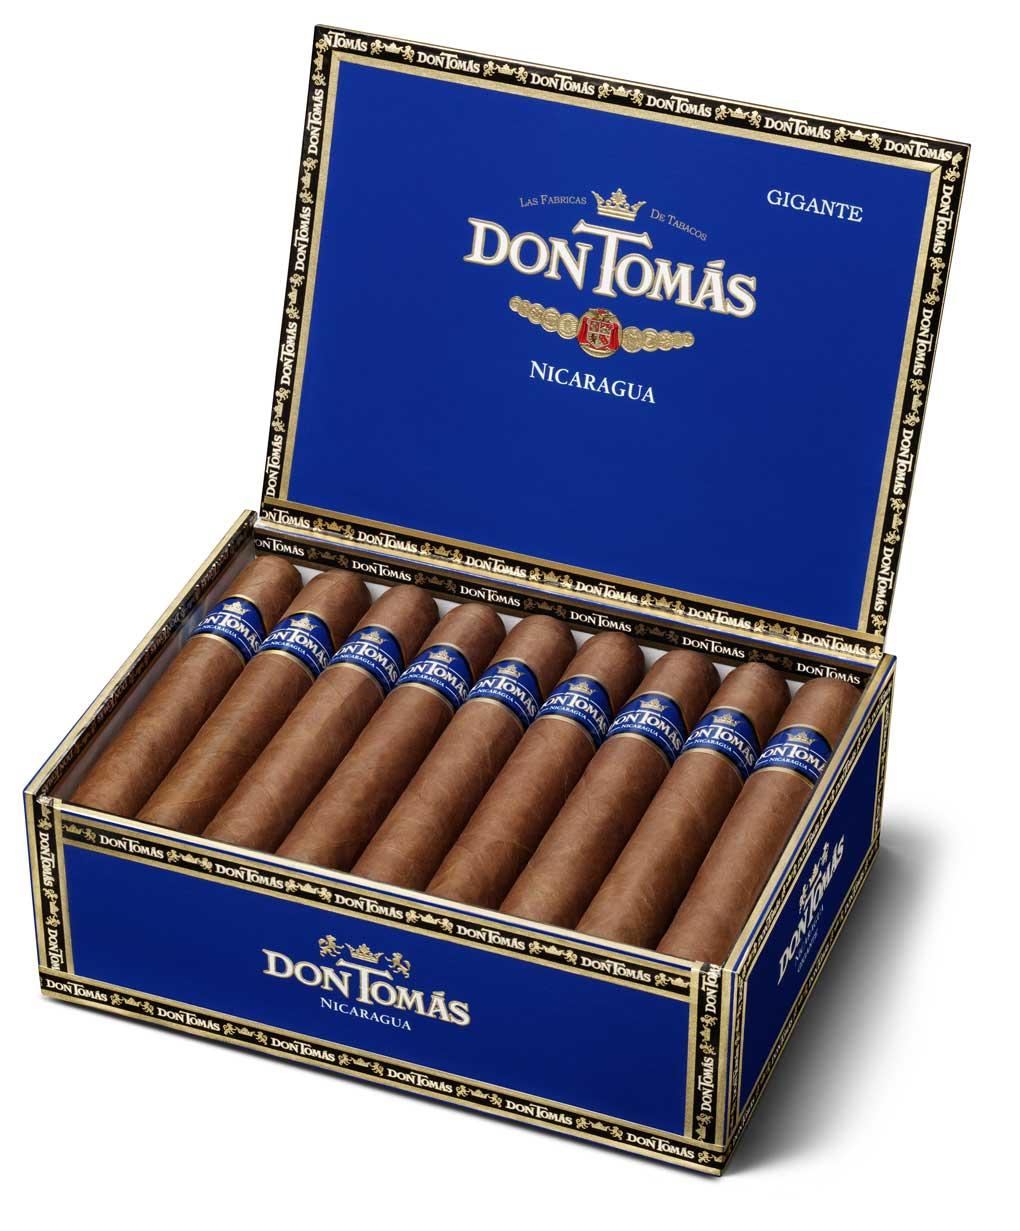 Don-Tomas-Nicaragua_Gigante_left_open